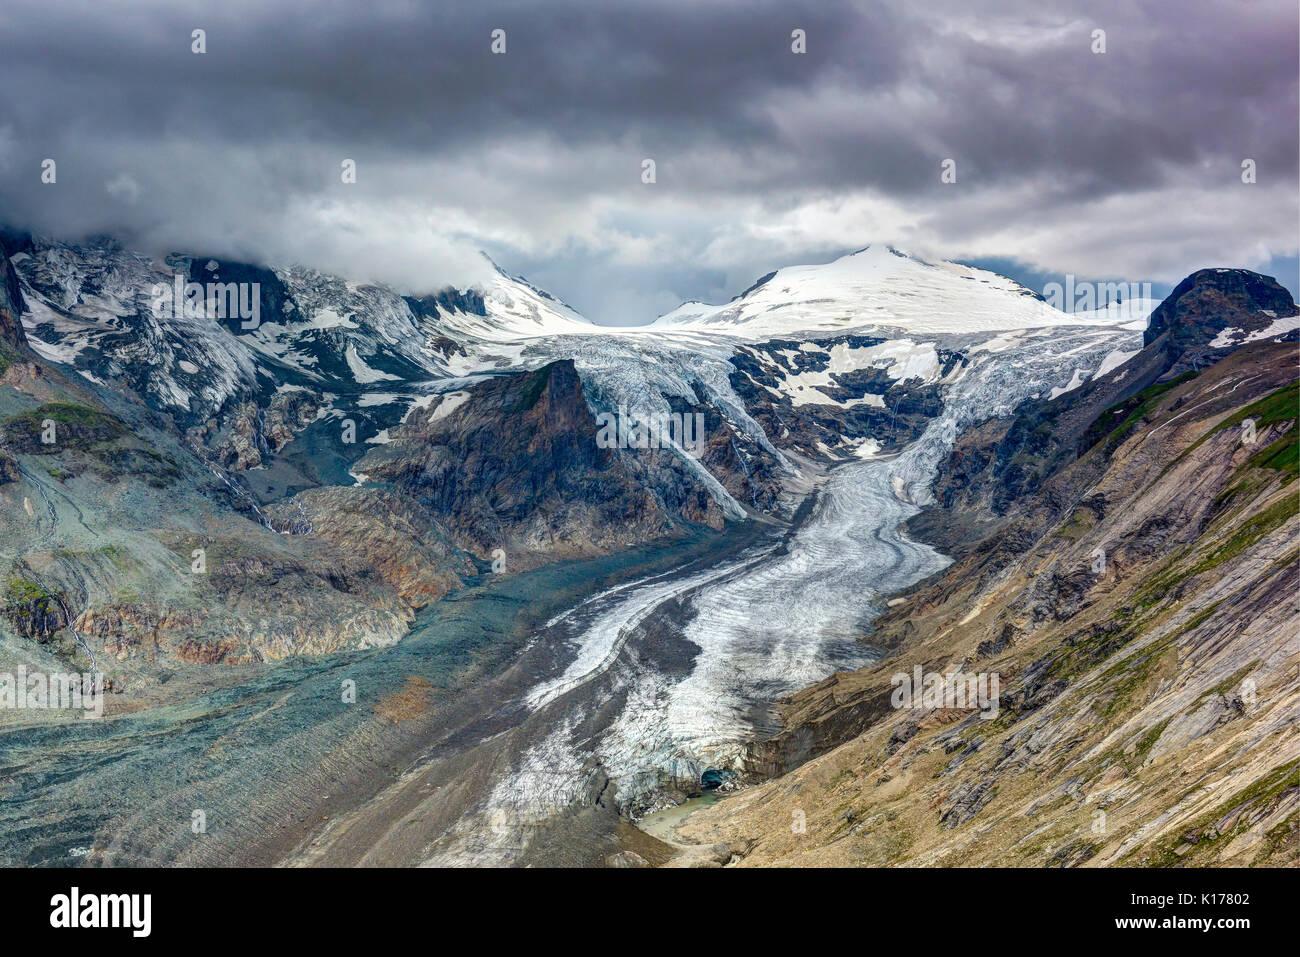 Kaiser-Franz-Josefs-Höhe clacier a pochi minuti prima della tempesta di scioperi Immagini Stock